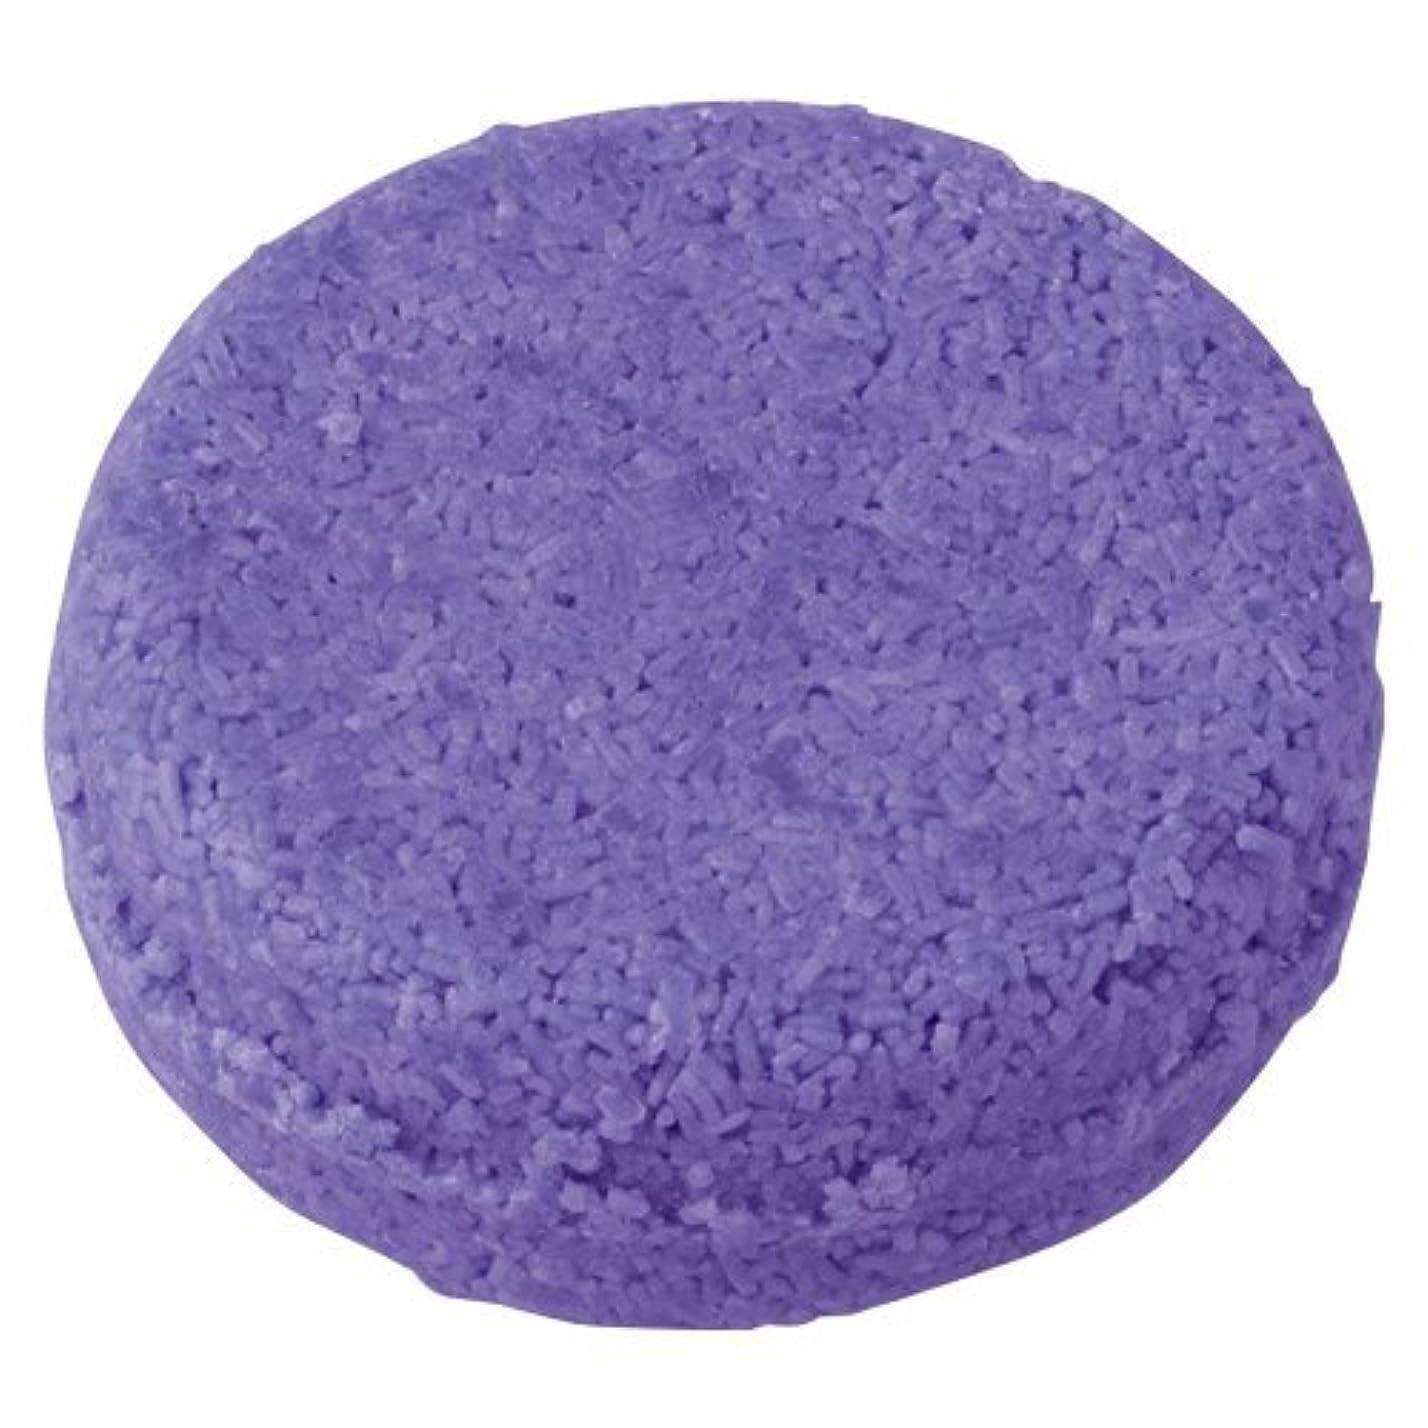 許さないディレクトリ議題ラッシュ 紫ショック(55g)